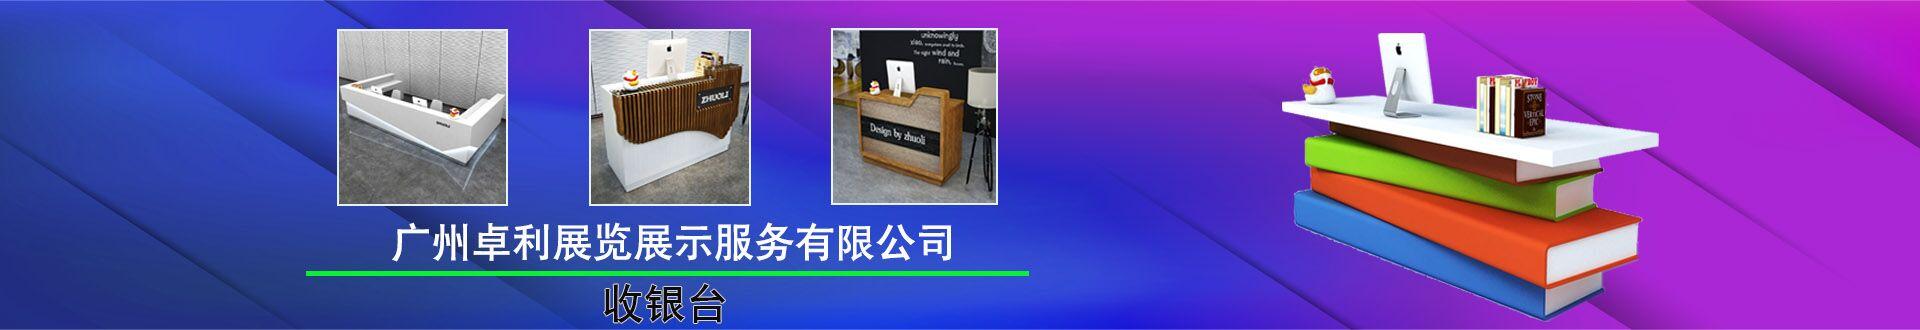 广州卓利展览展示服务有限公司